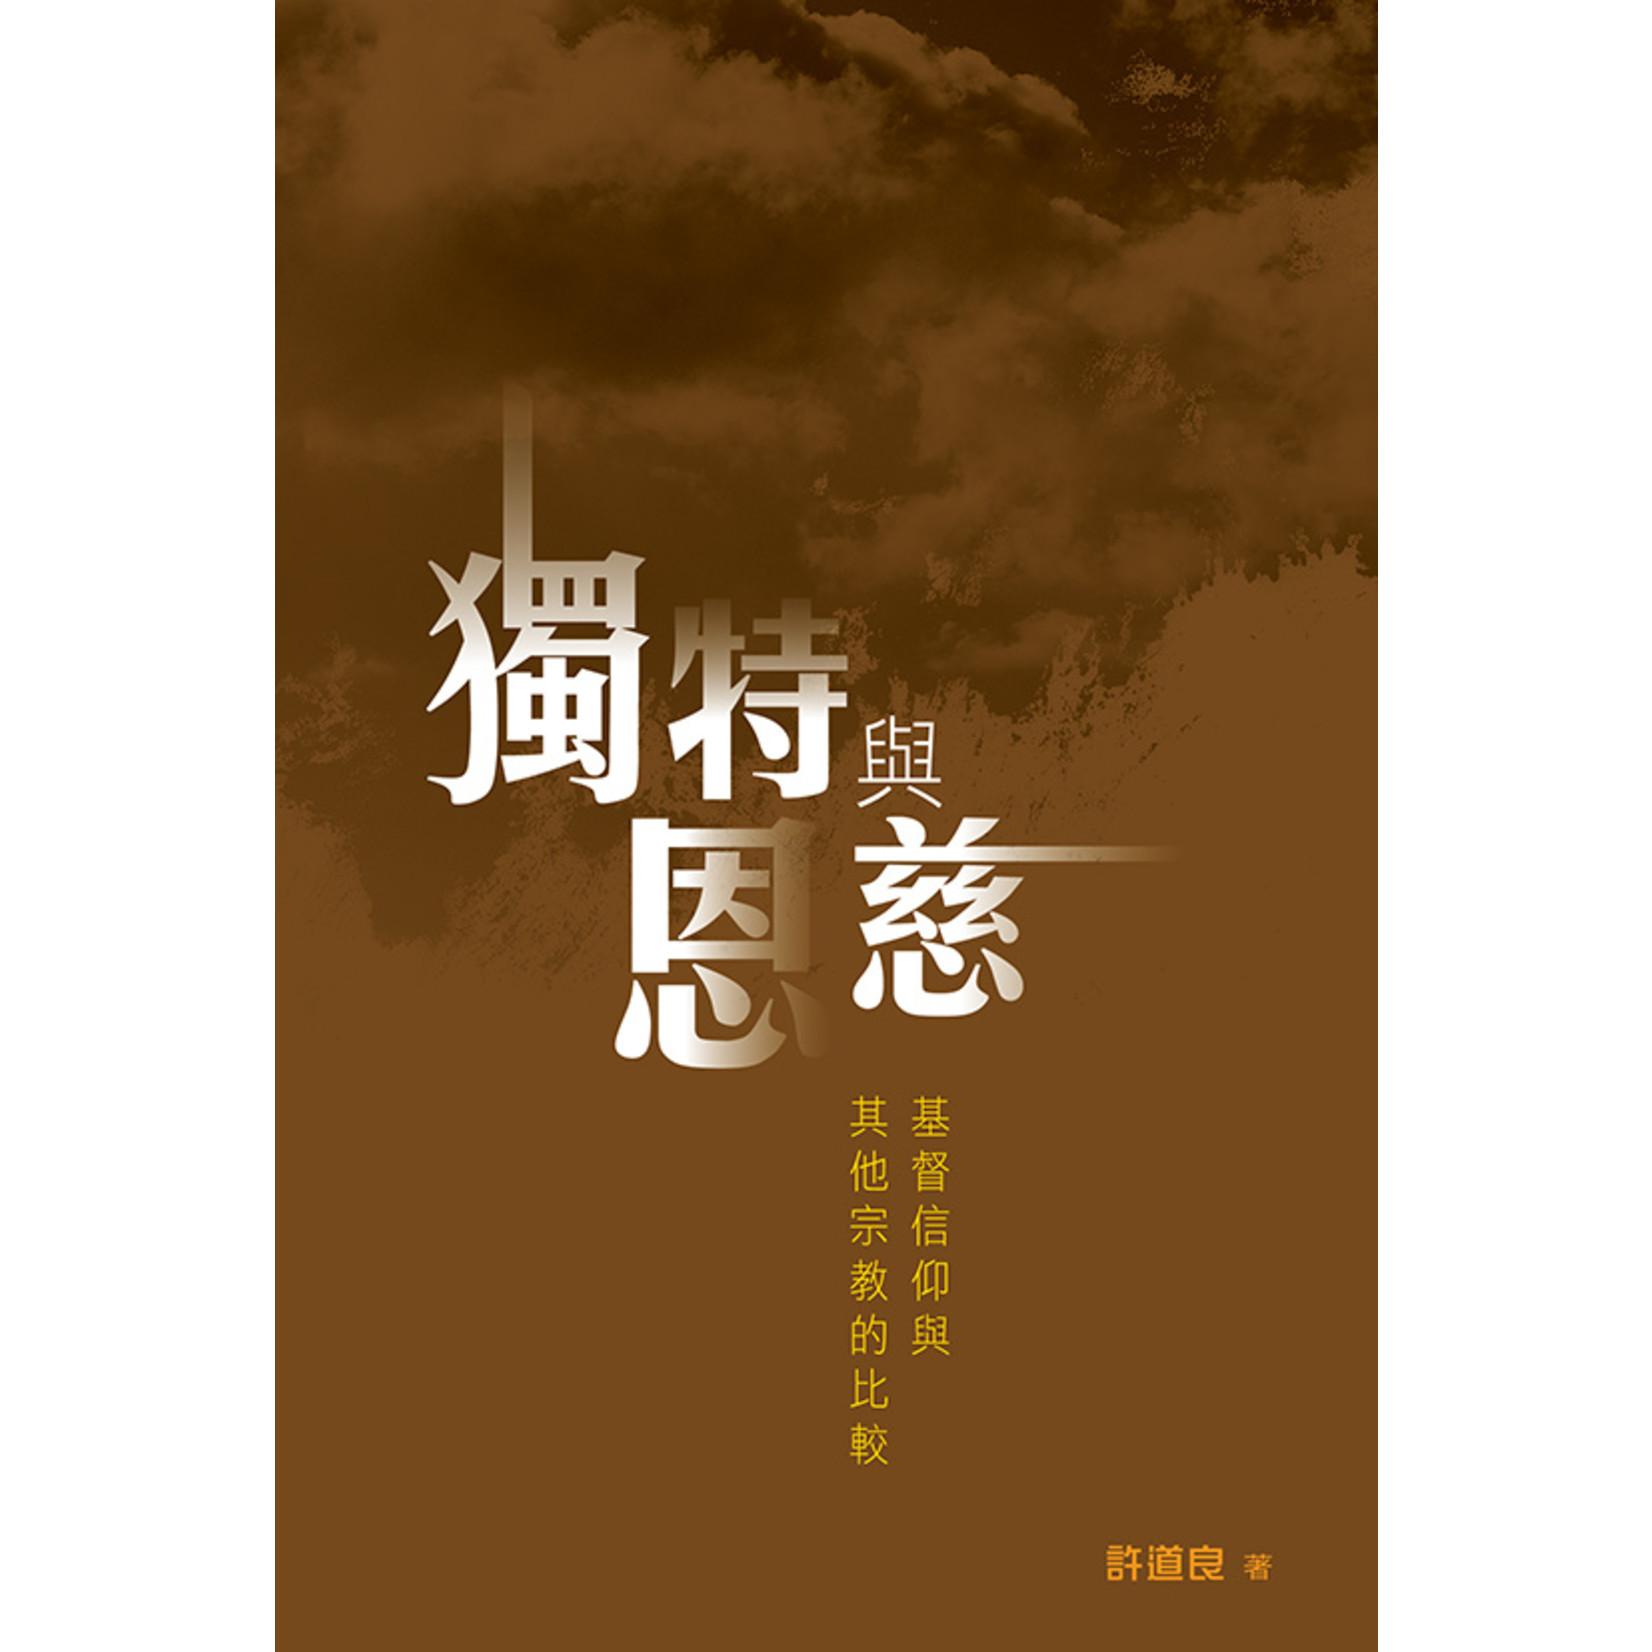 天道書樓 Tien Dao Publishing House 獨特與恩慈:基督信仰與其他宗教的比較